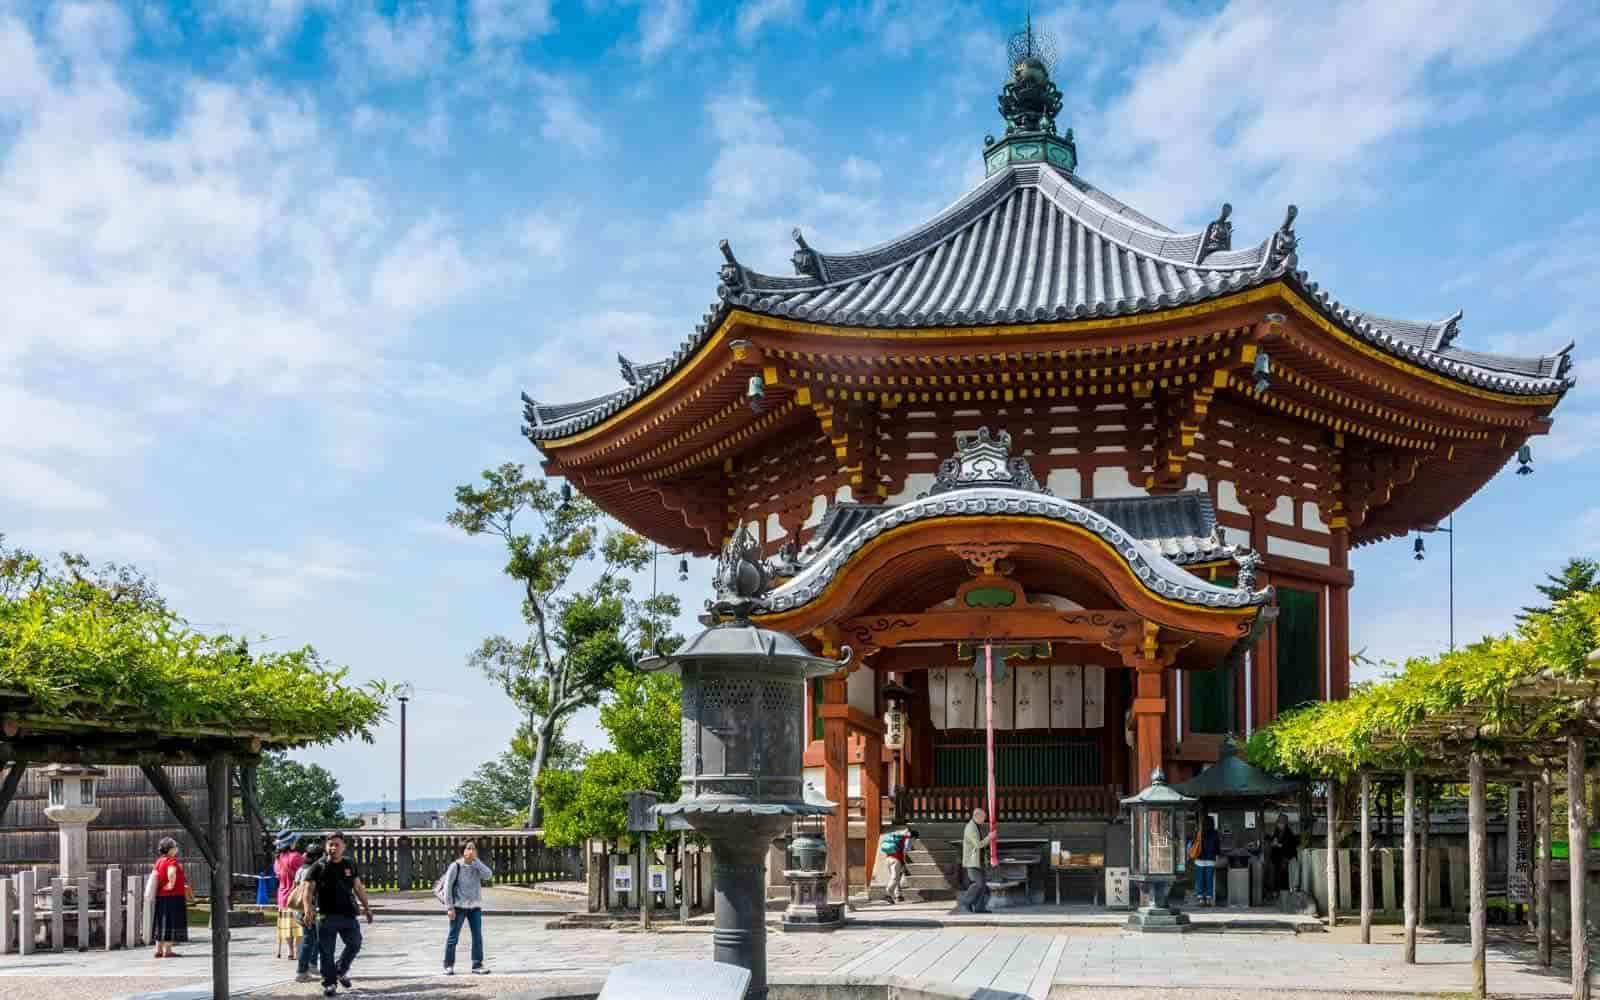 Japanese Banks Ditch Peer-to-peer Remittance Plan